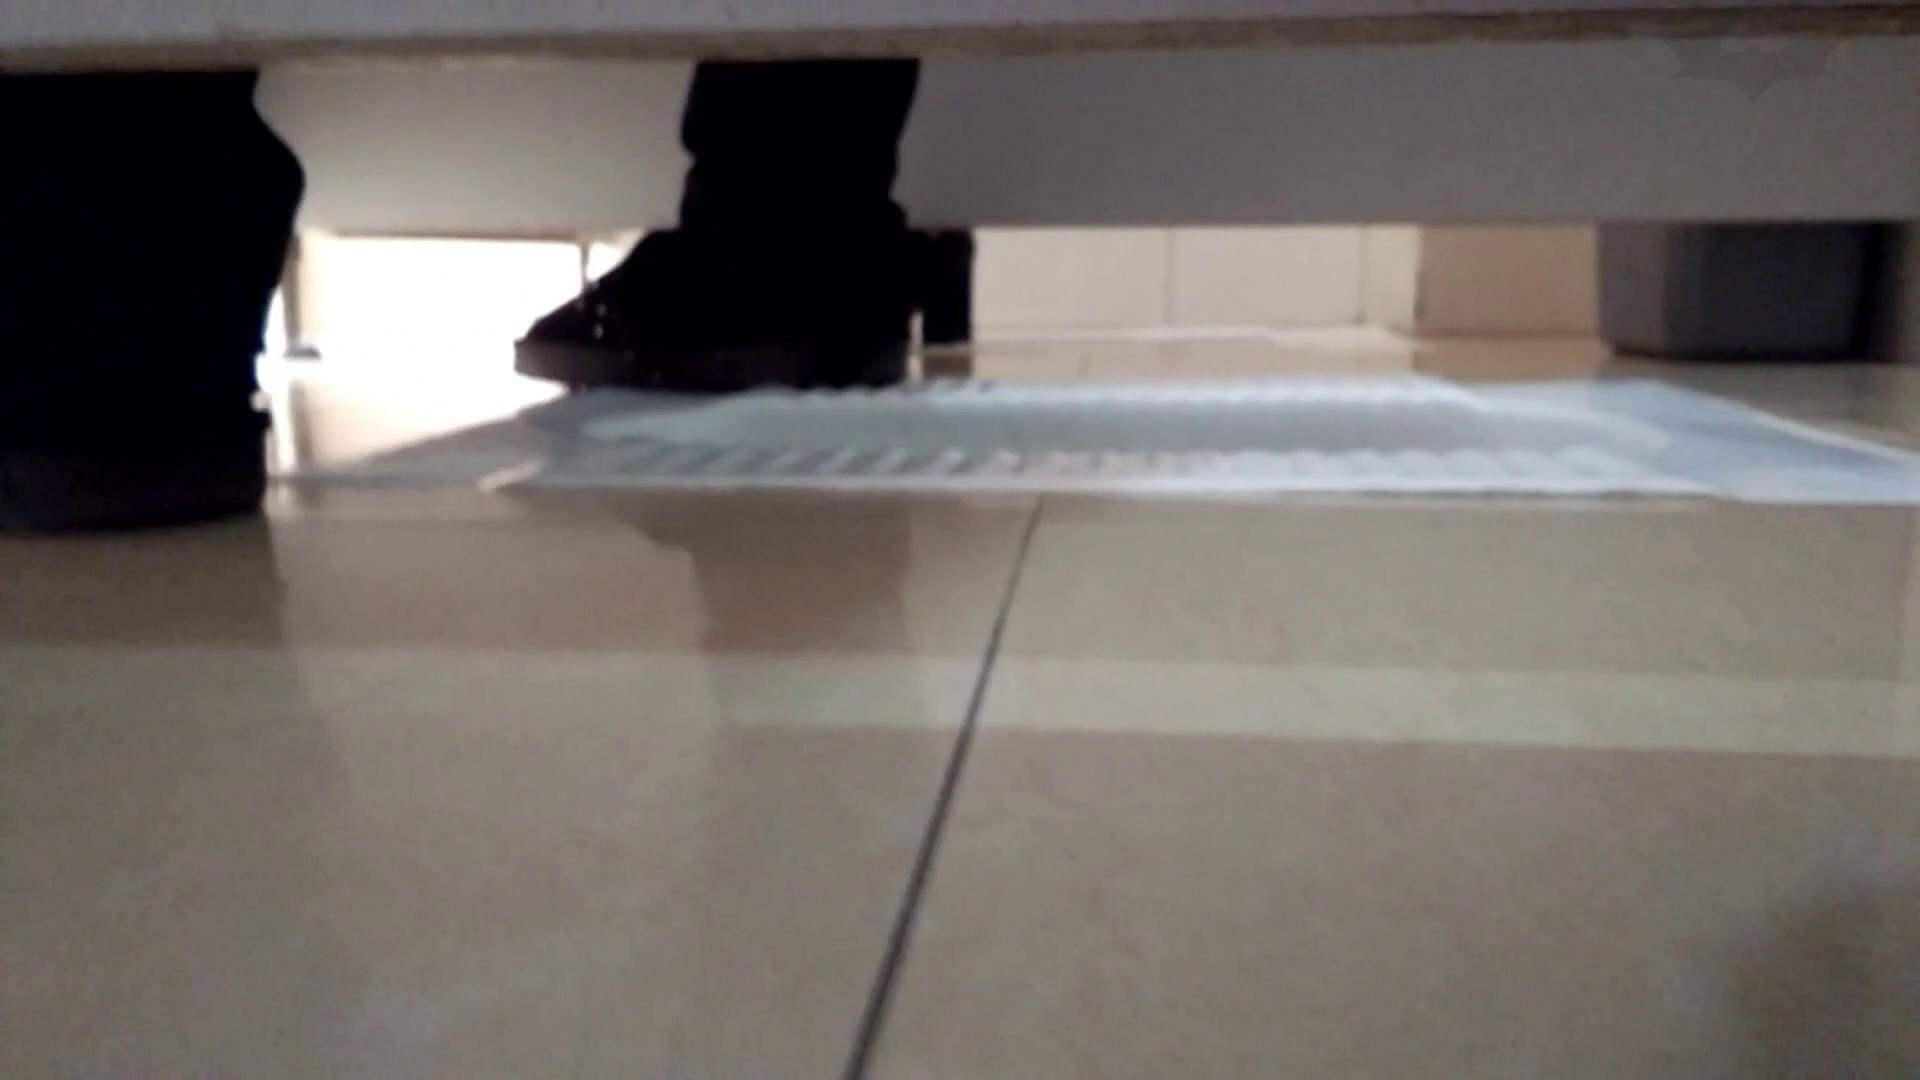 芸術大学ガチ潜入盗撮 JD盗撮 美女の洗面所の秘密 Vol.98 洗面所 盗み撮り動画キャプチャ 38pic 27